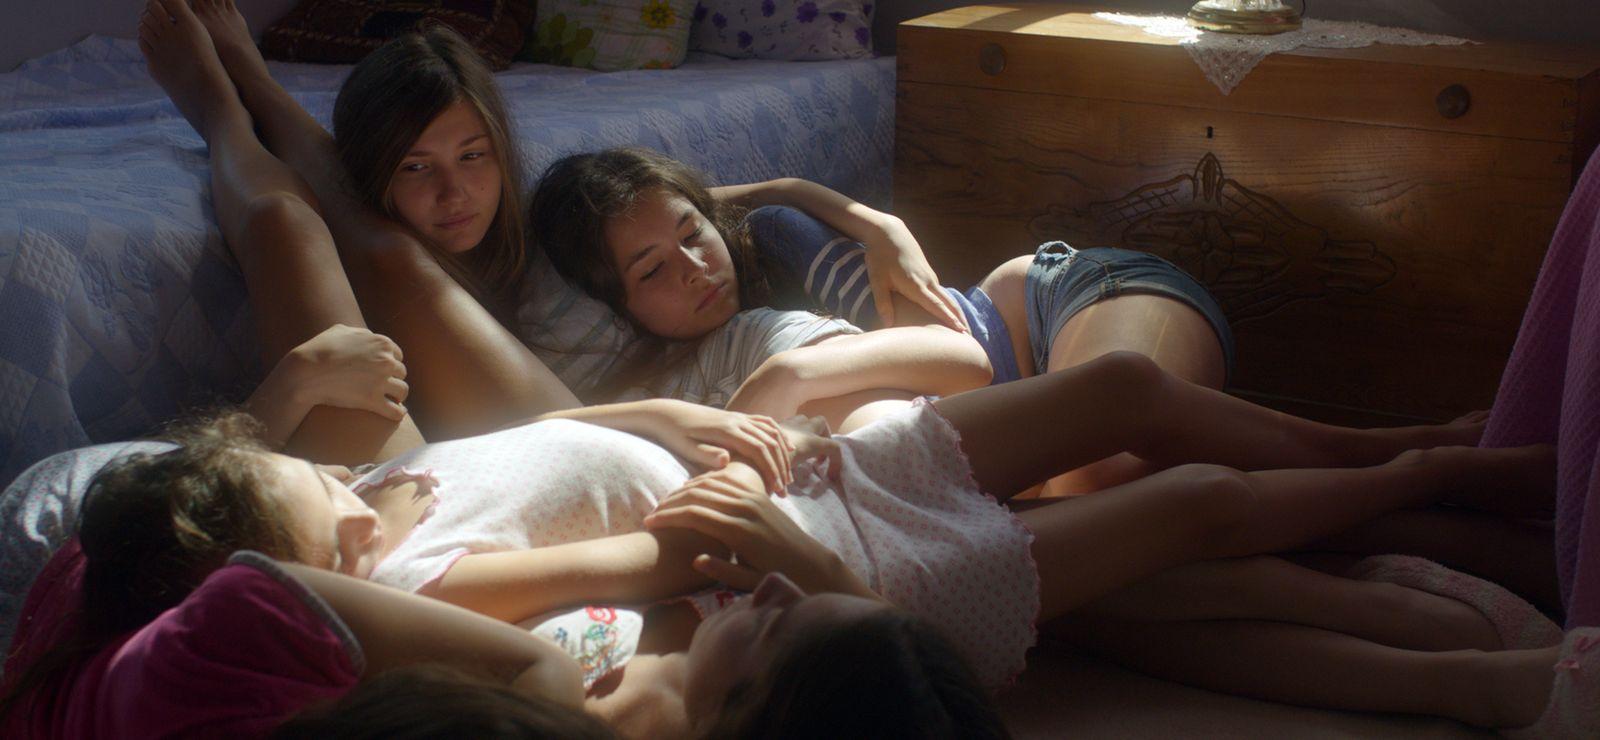 Порно девочки лесбиянки смотреть